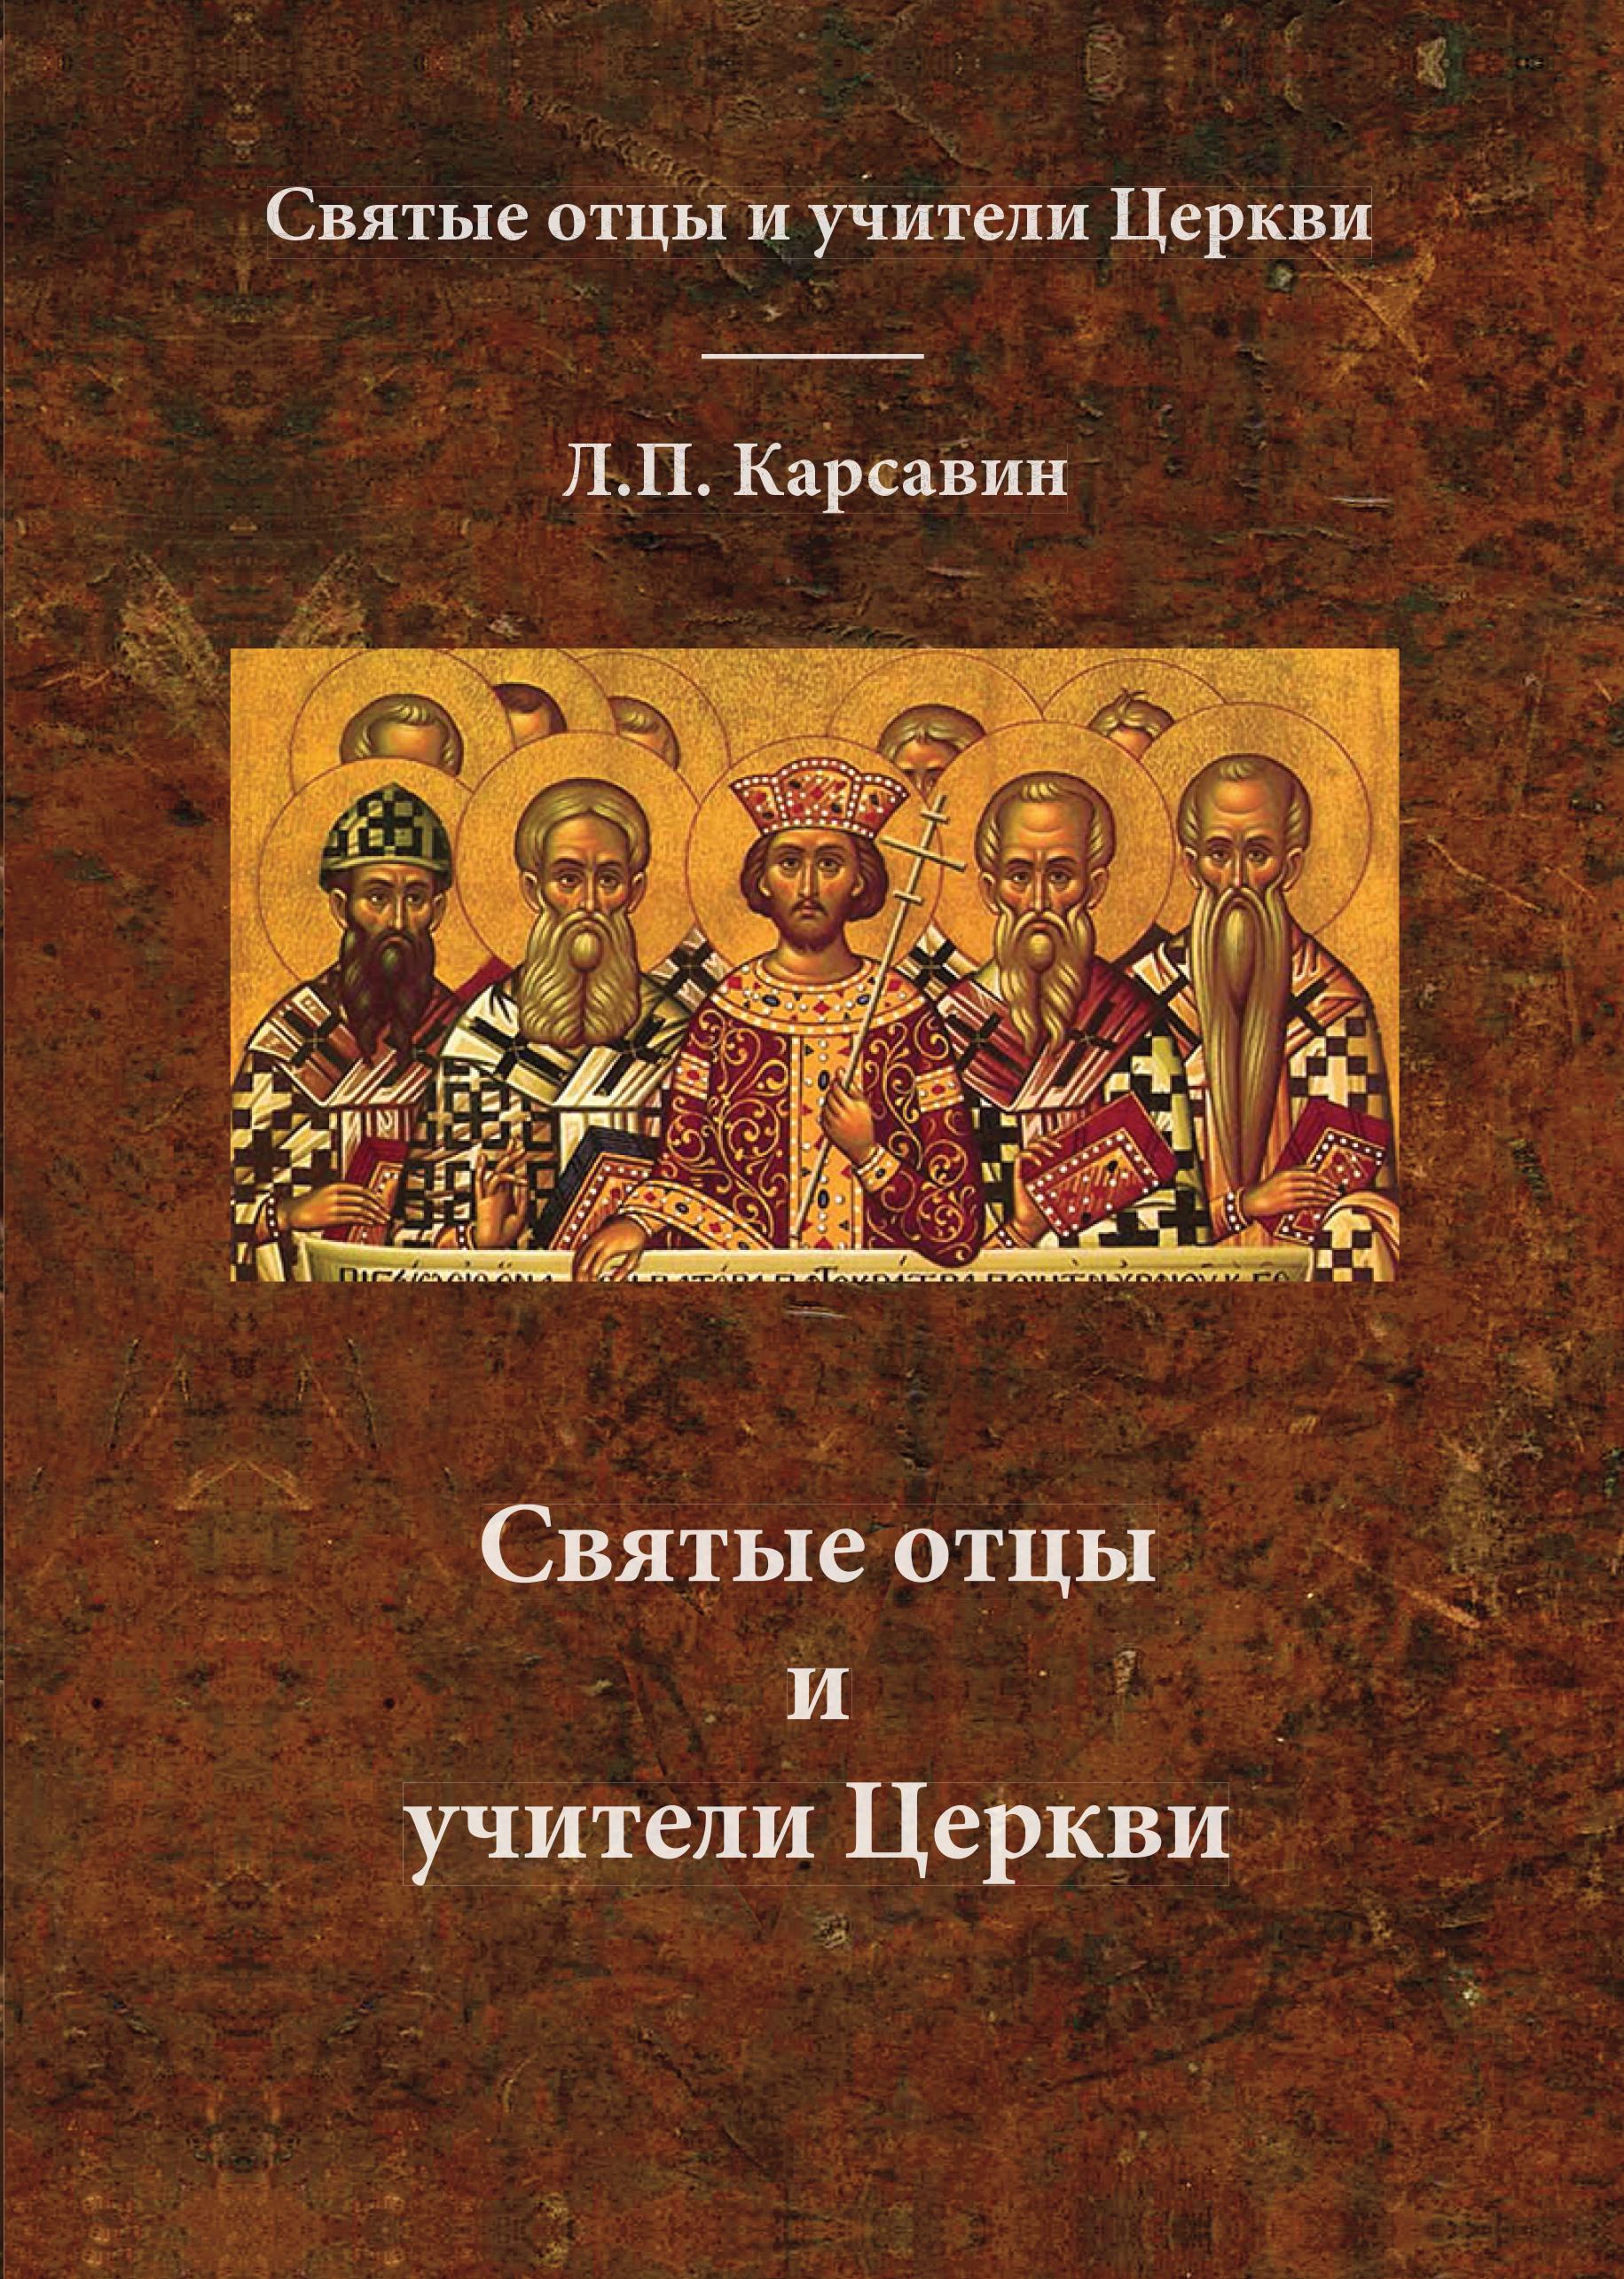 цена на Лев Платонович Карсавин Святые отцы и учители Церкви